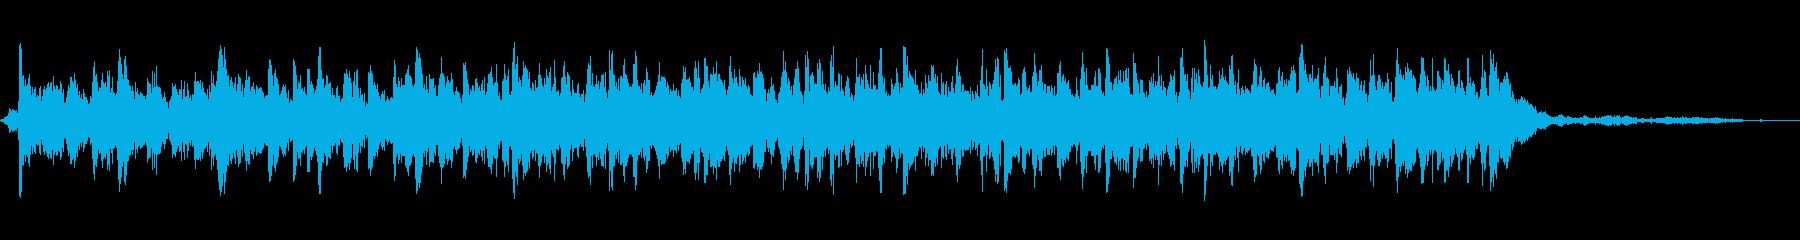 ラージ・スリー・ベルズ:リズム・シ...の再生済みの波形